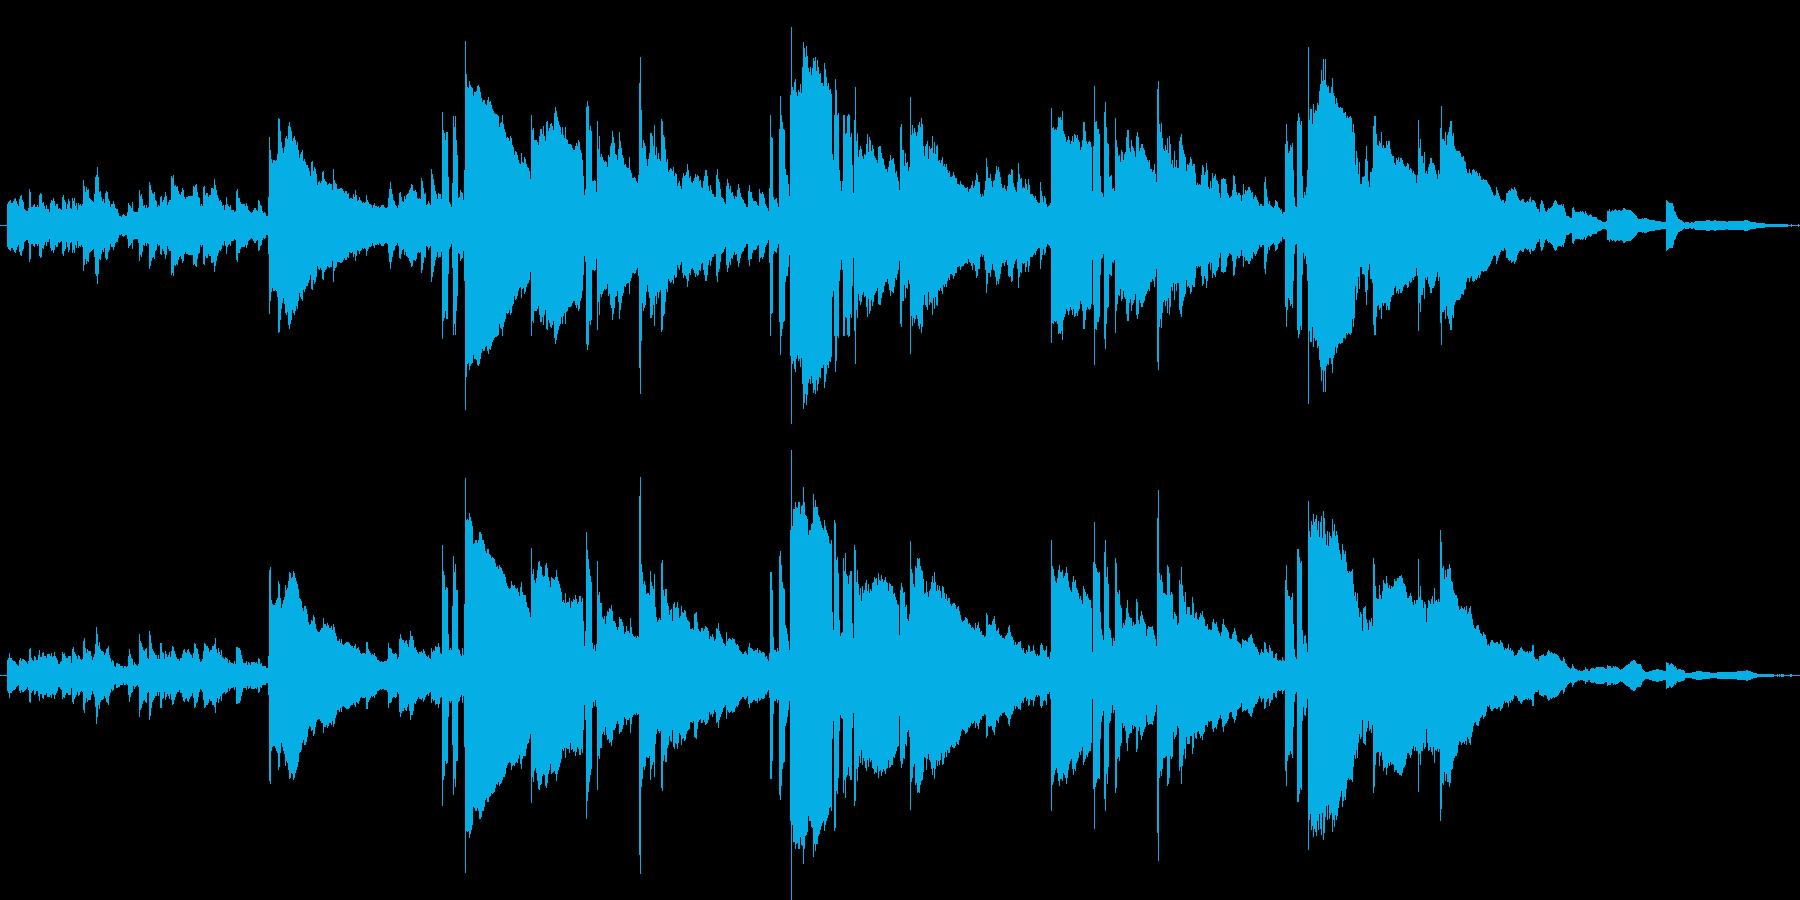 明るく可愛いキラキラとしたワルツBGMの再生済みの波形